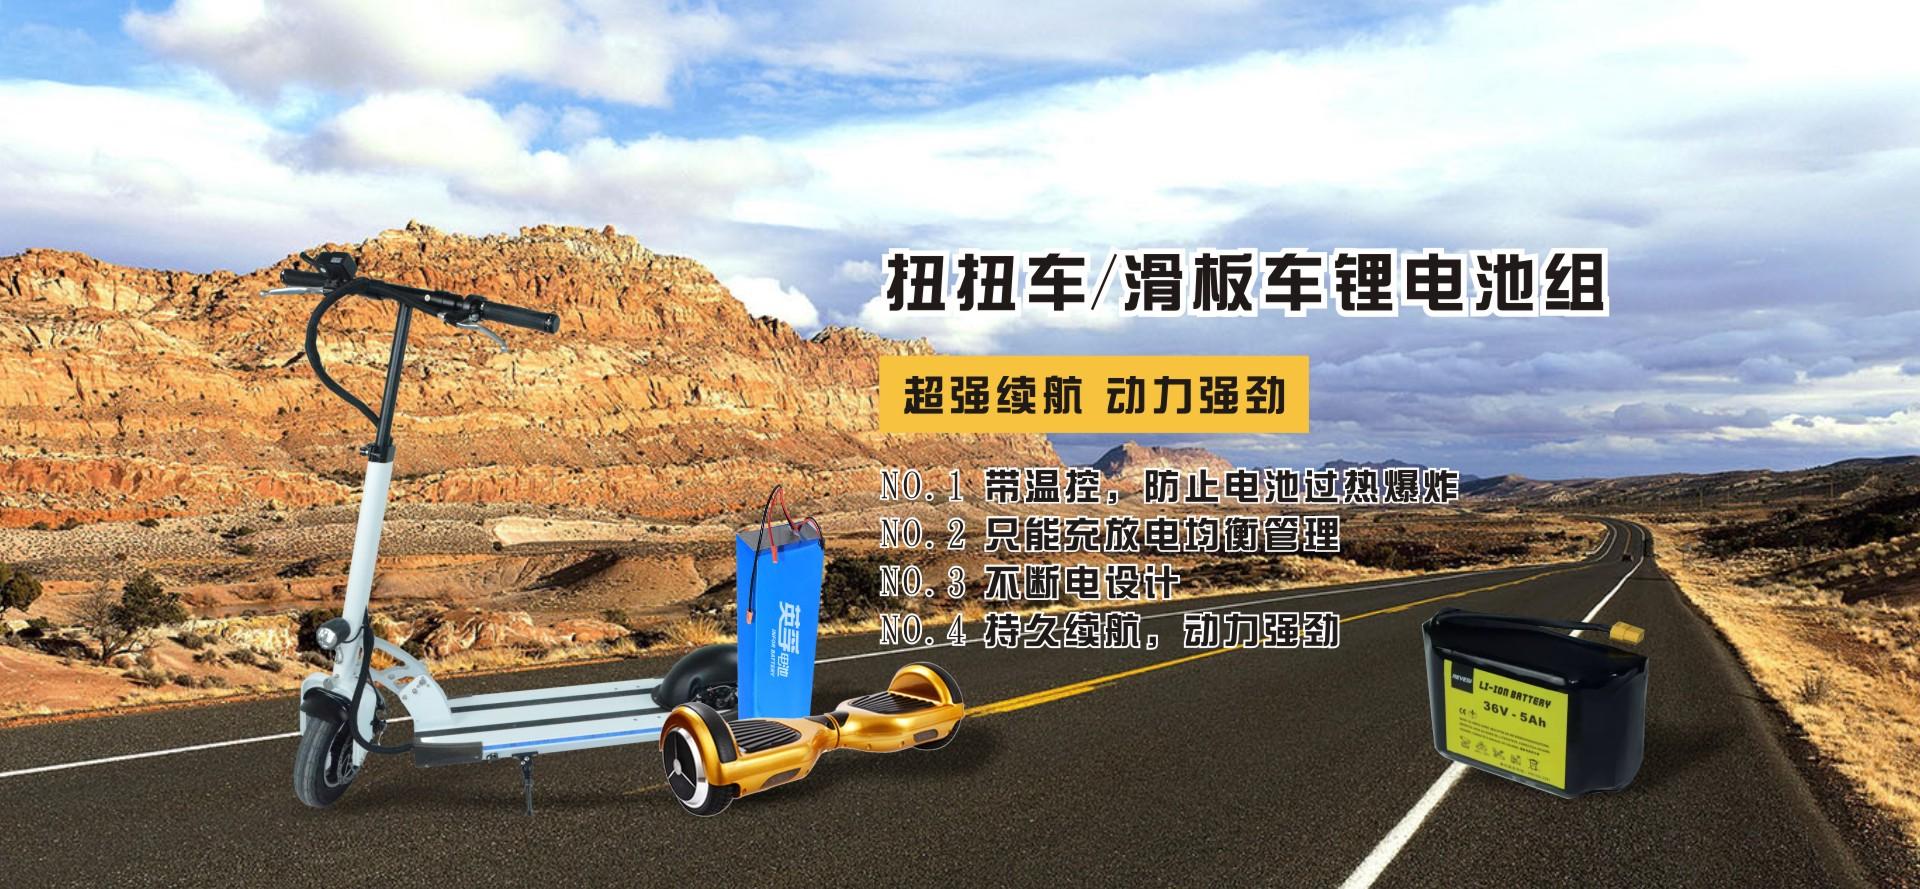 (中文版)banner2